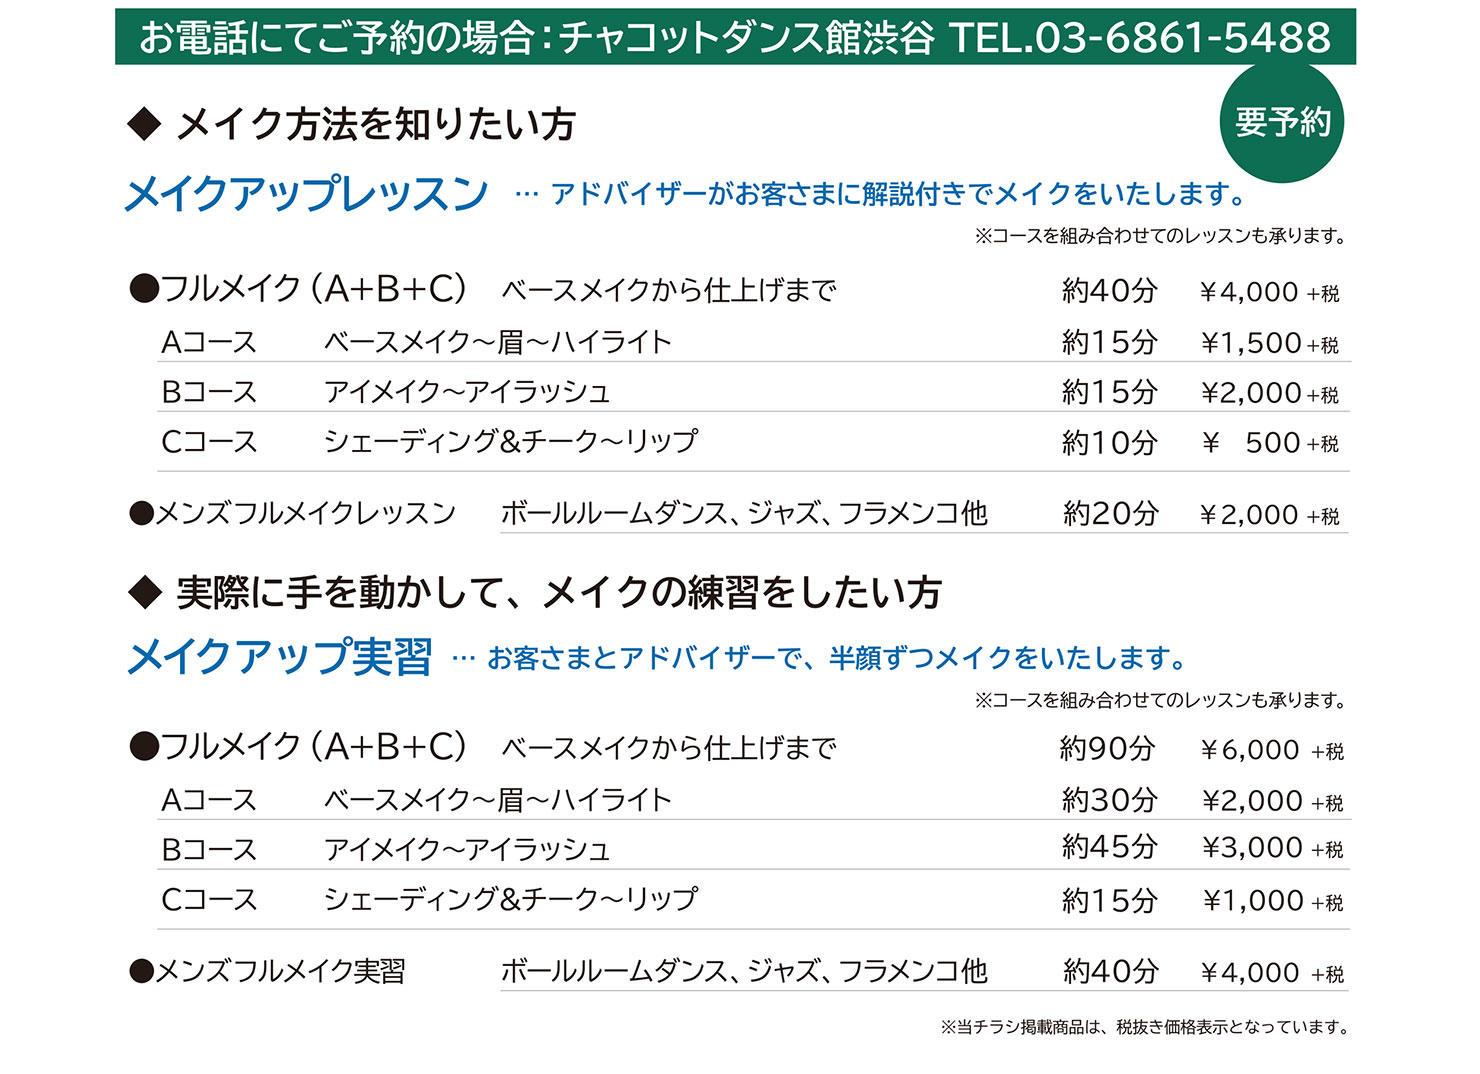 d_shibu_make_temp006.jpg